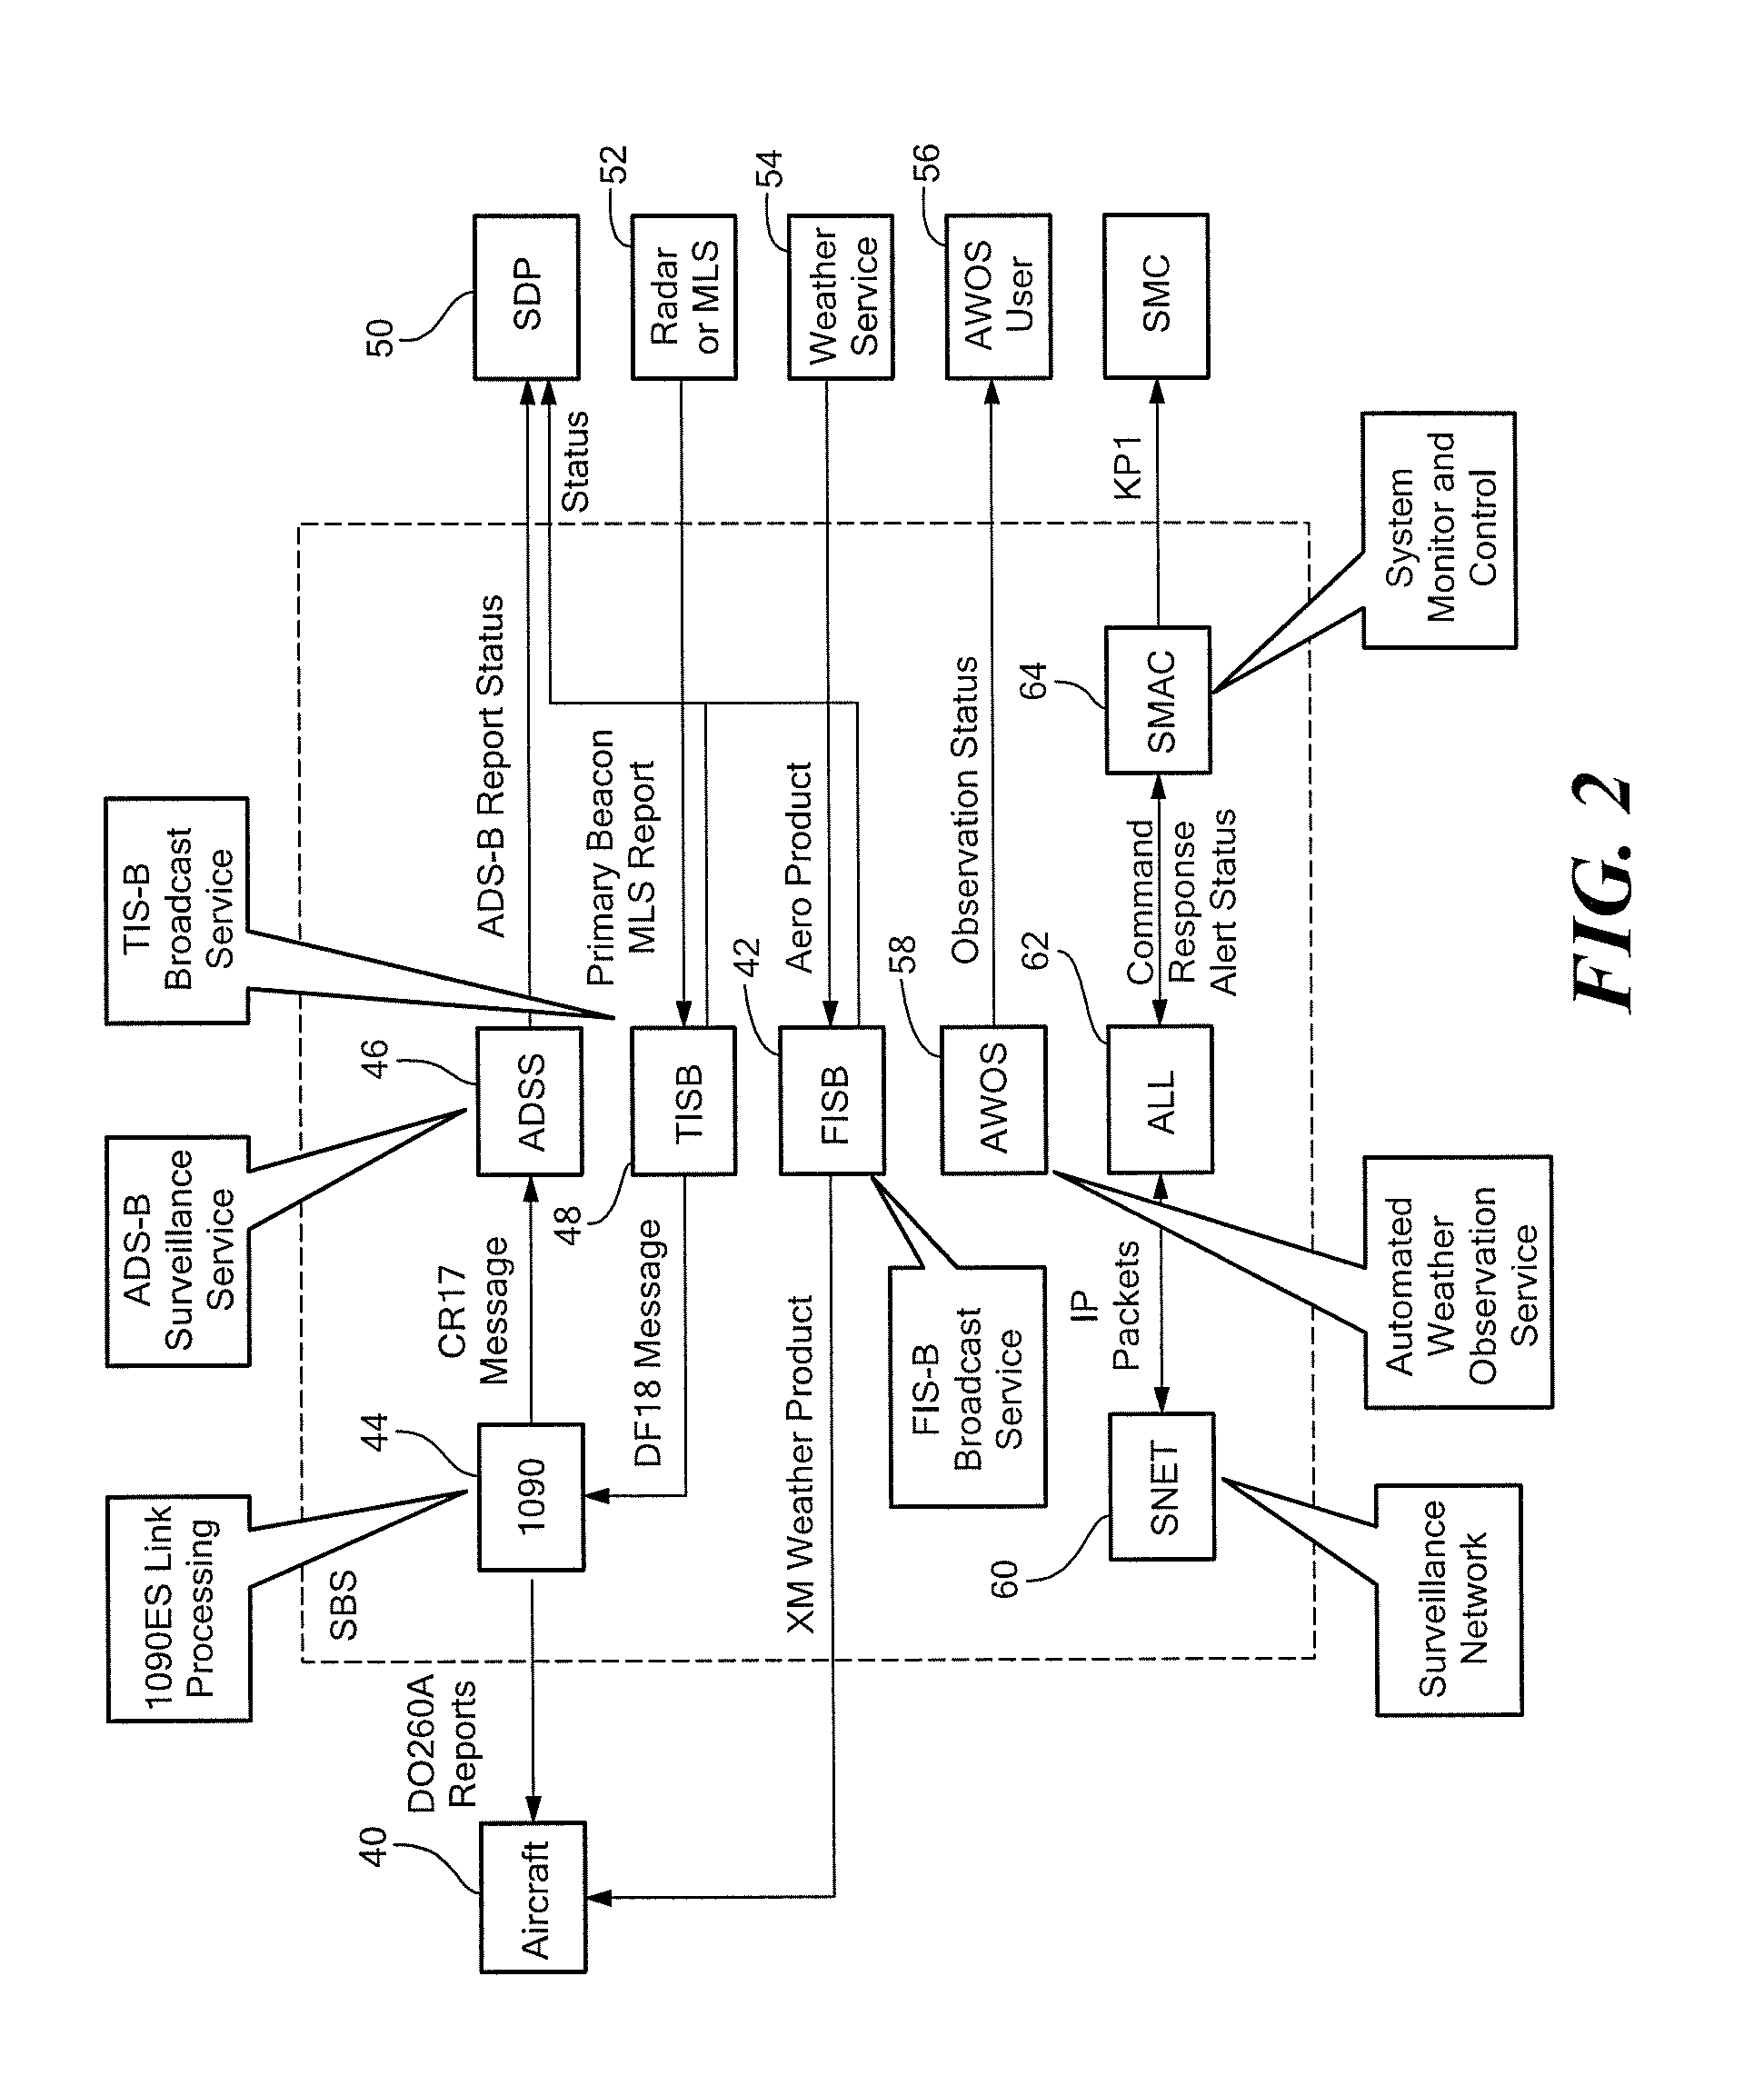 patent us8004452